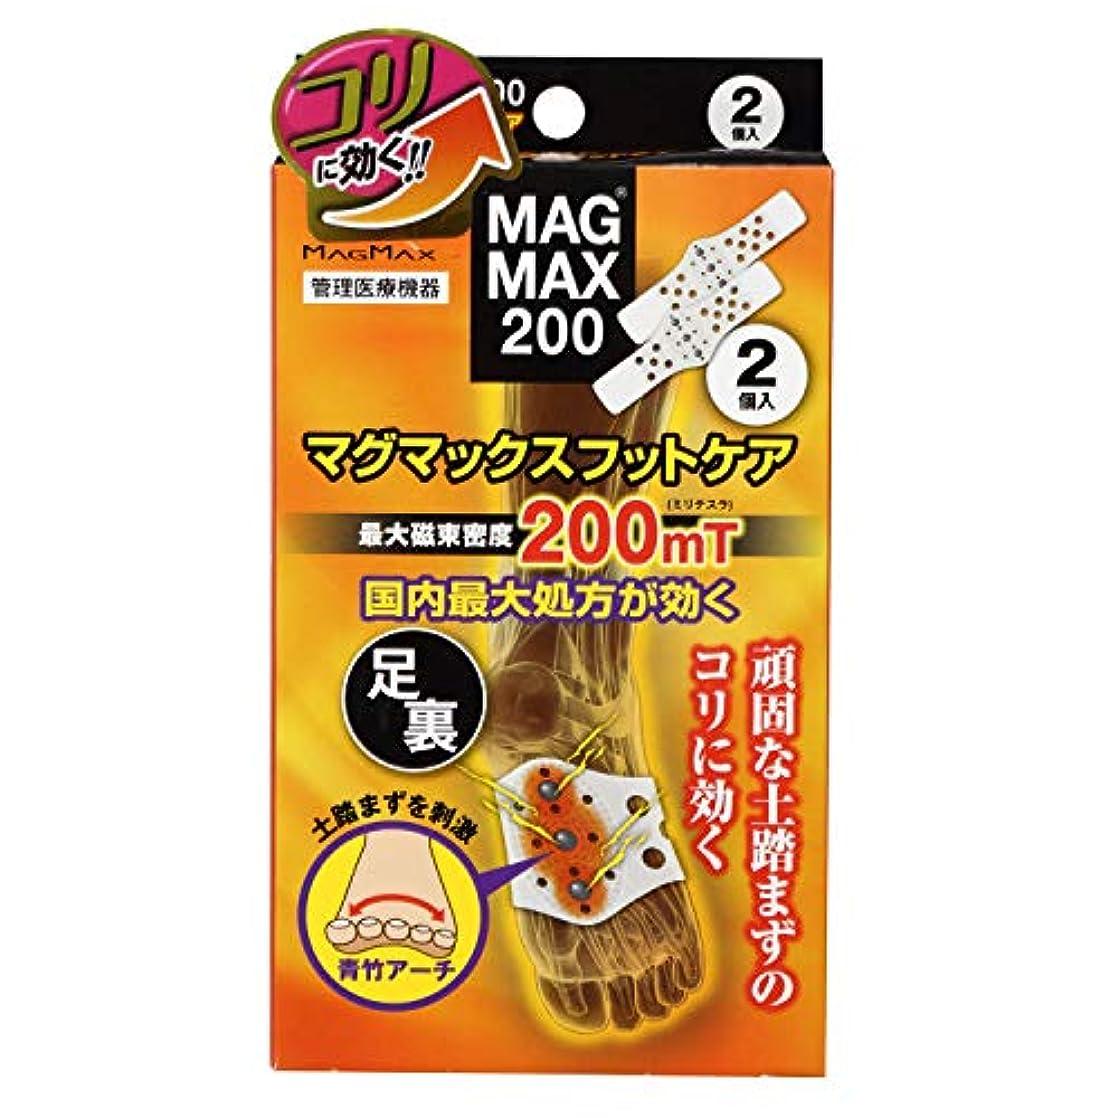 偶然の不明瞭自殺マグマックスフットケア MAGMAX200 足裏用磁気ベルト マグネットケア 磁束密度200mT (2個入り)